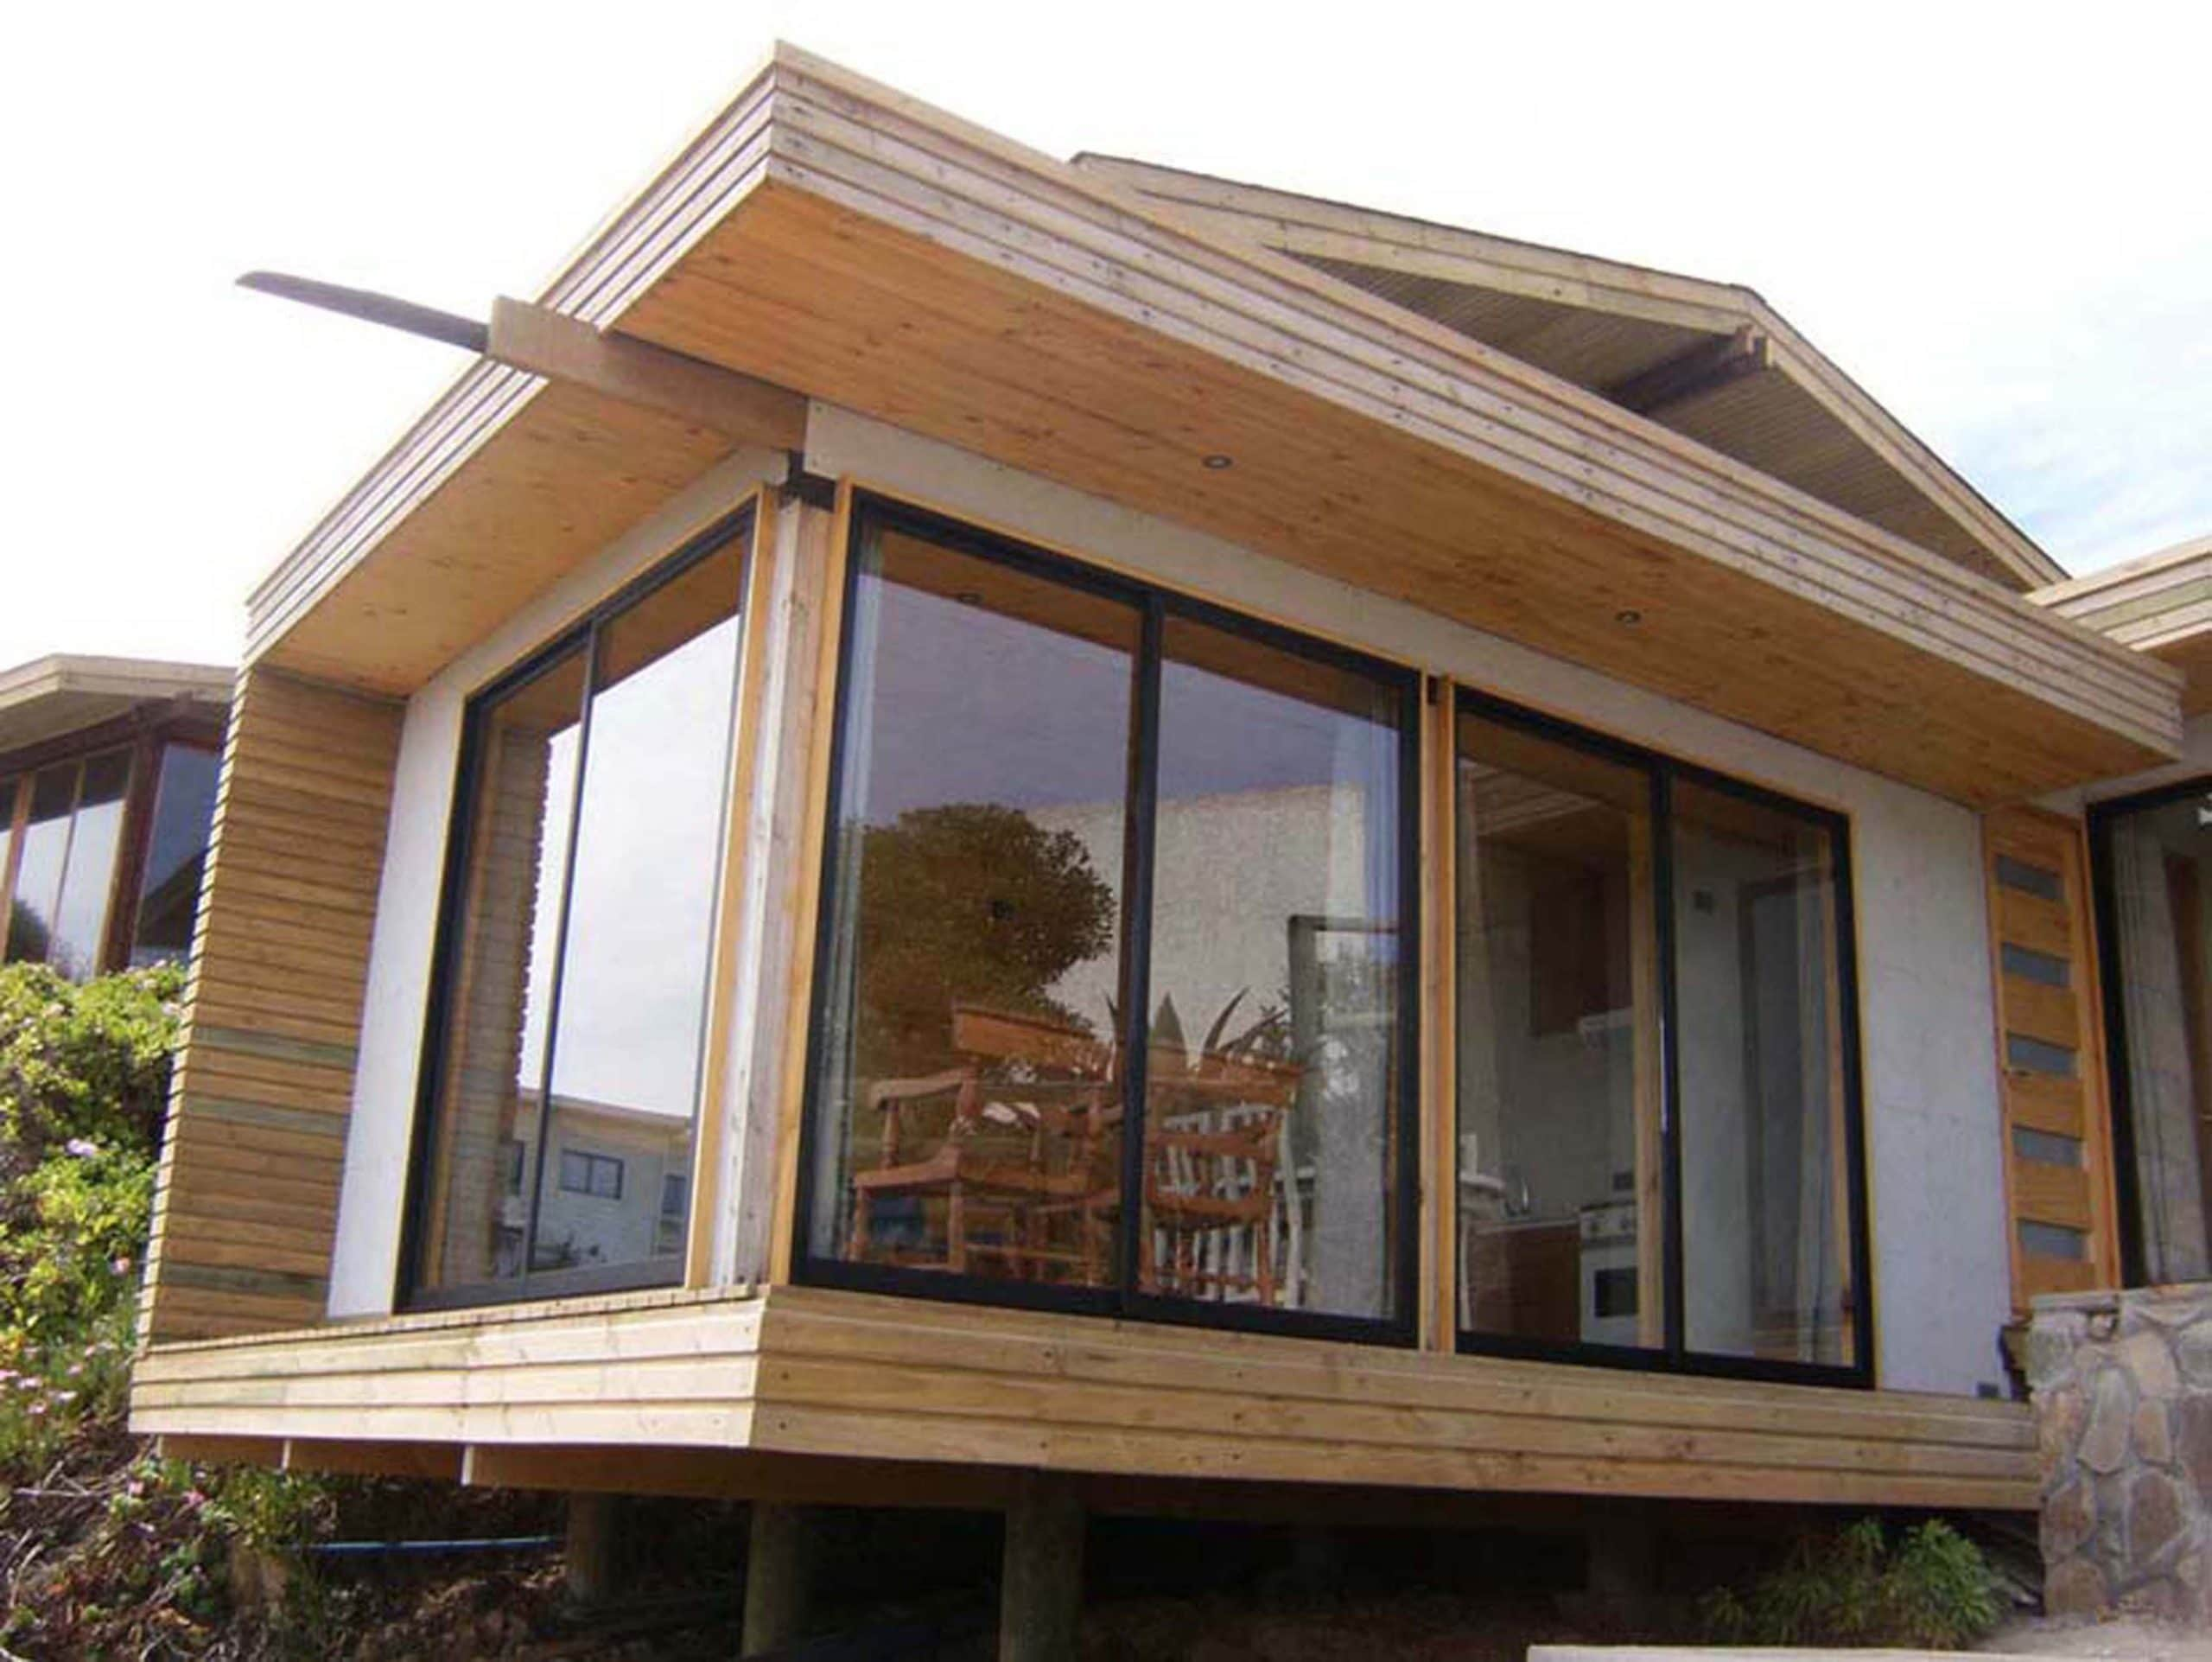 Casas prefabricadas en chile casas prefabricadas - Casas modulares prefabricadas ...